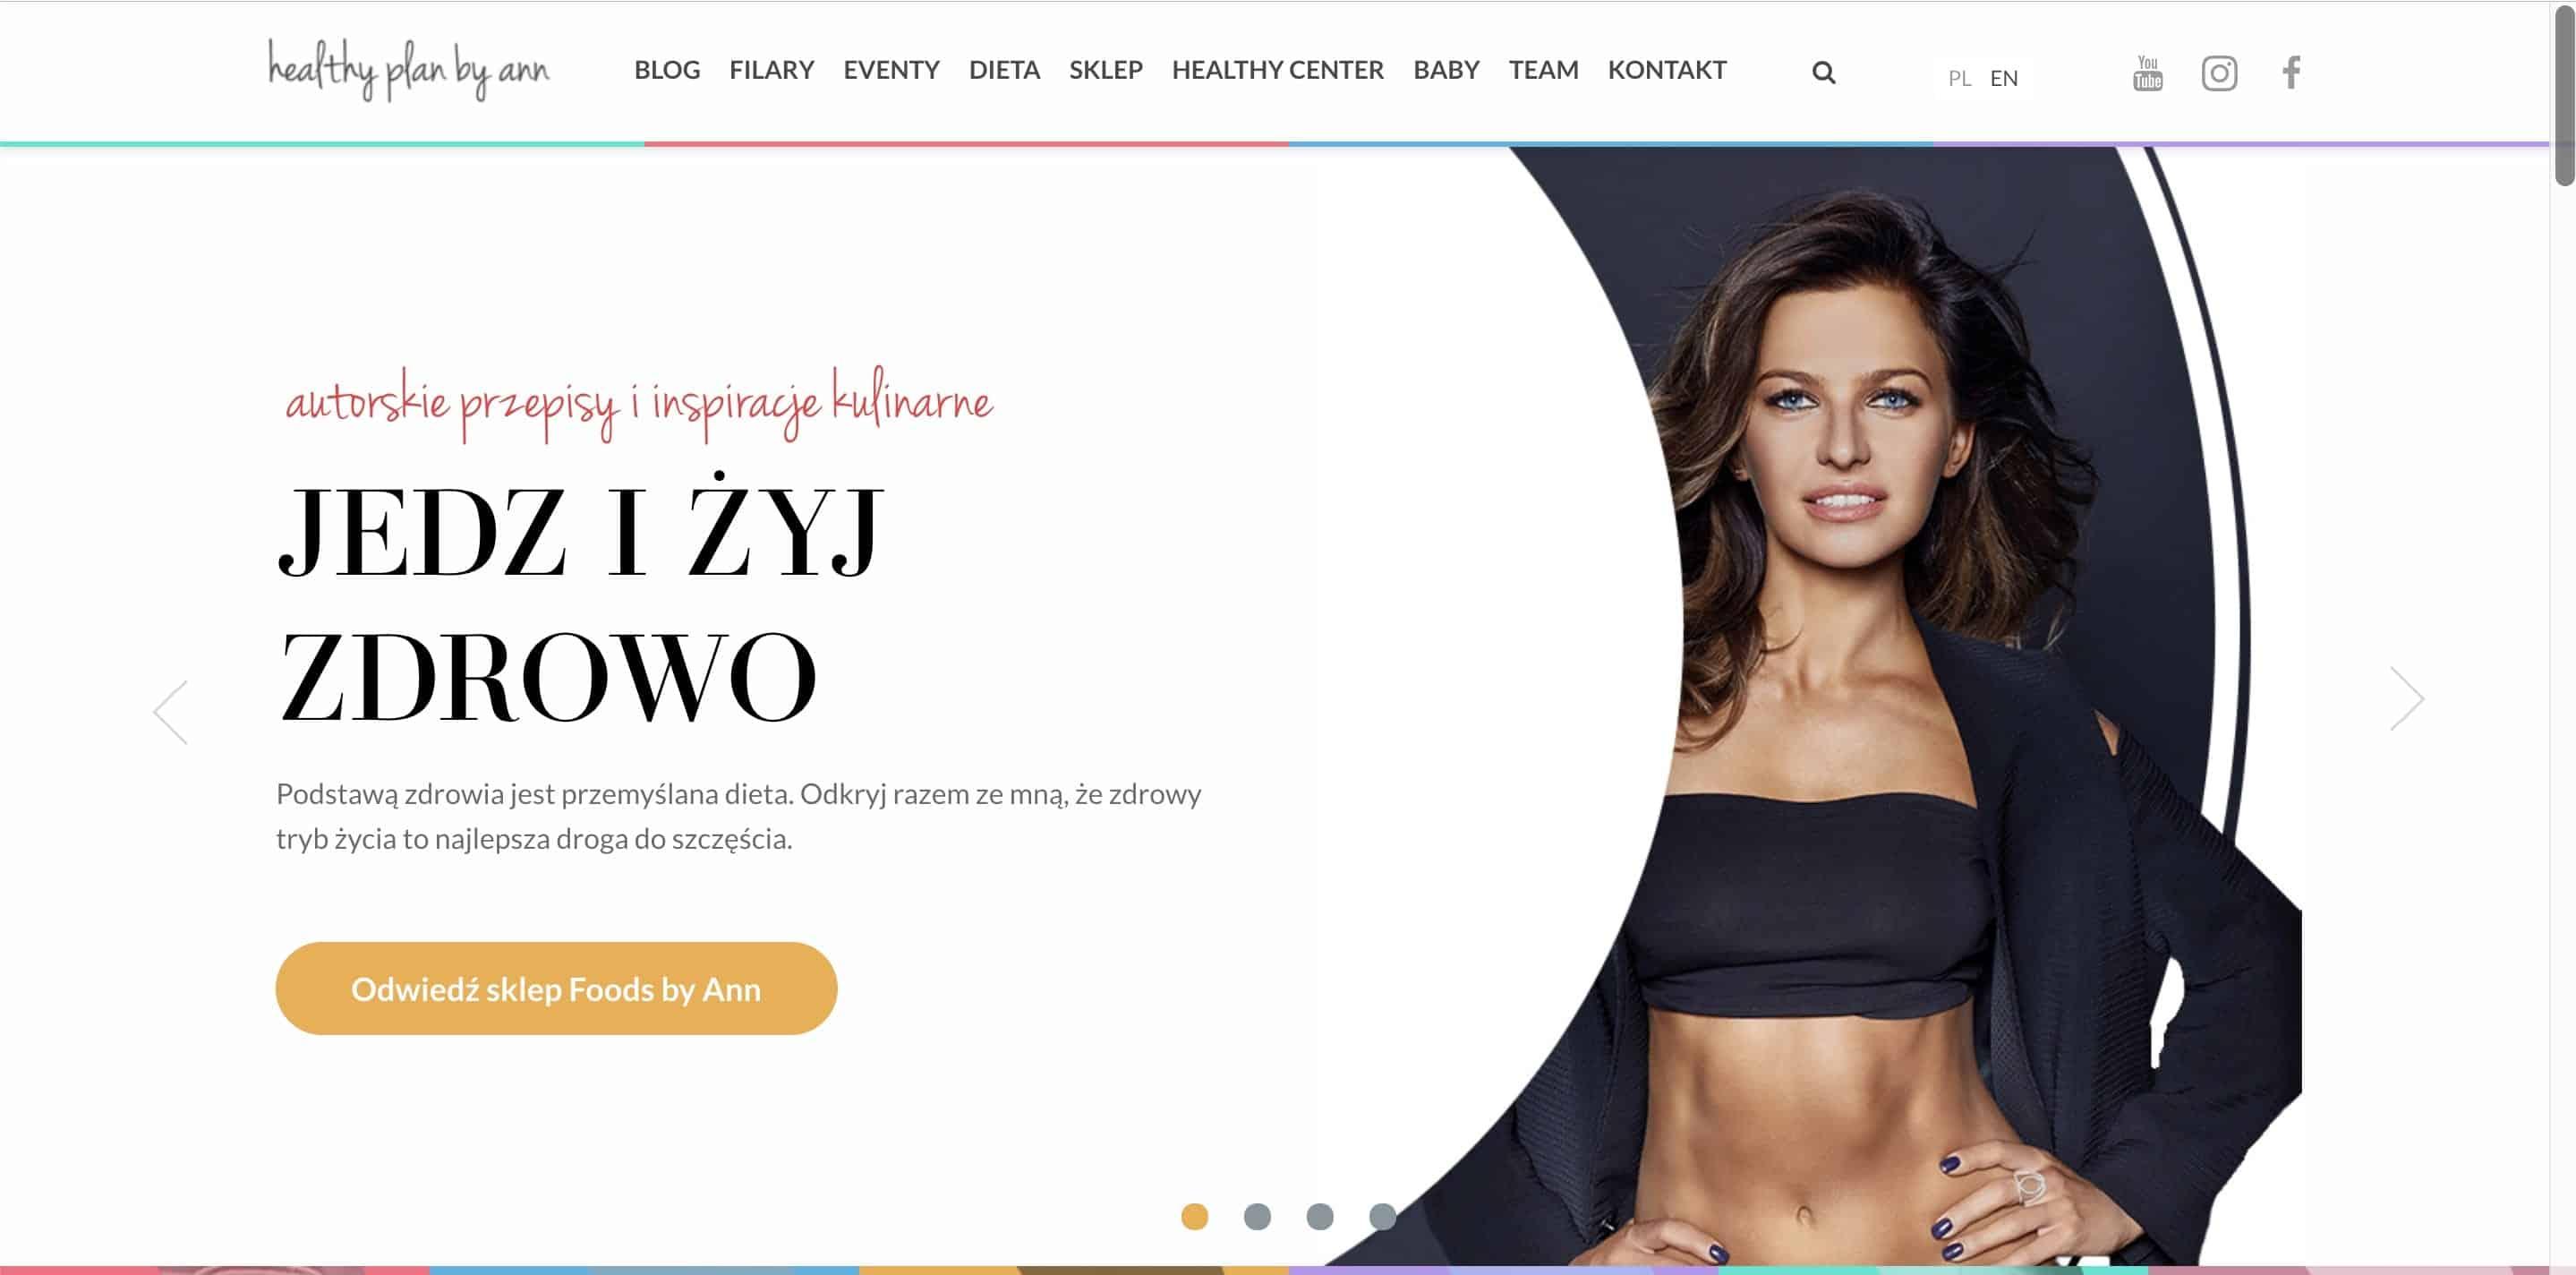 Strona główna bloga Anny Lewandowskiej